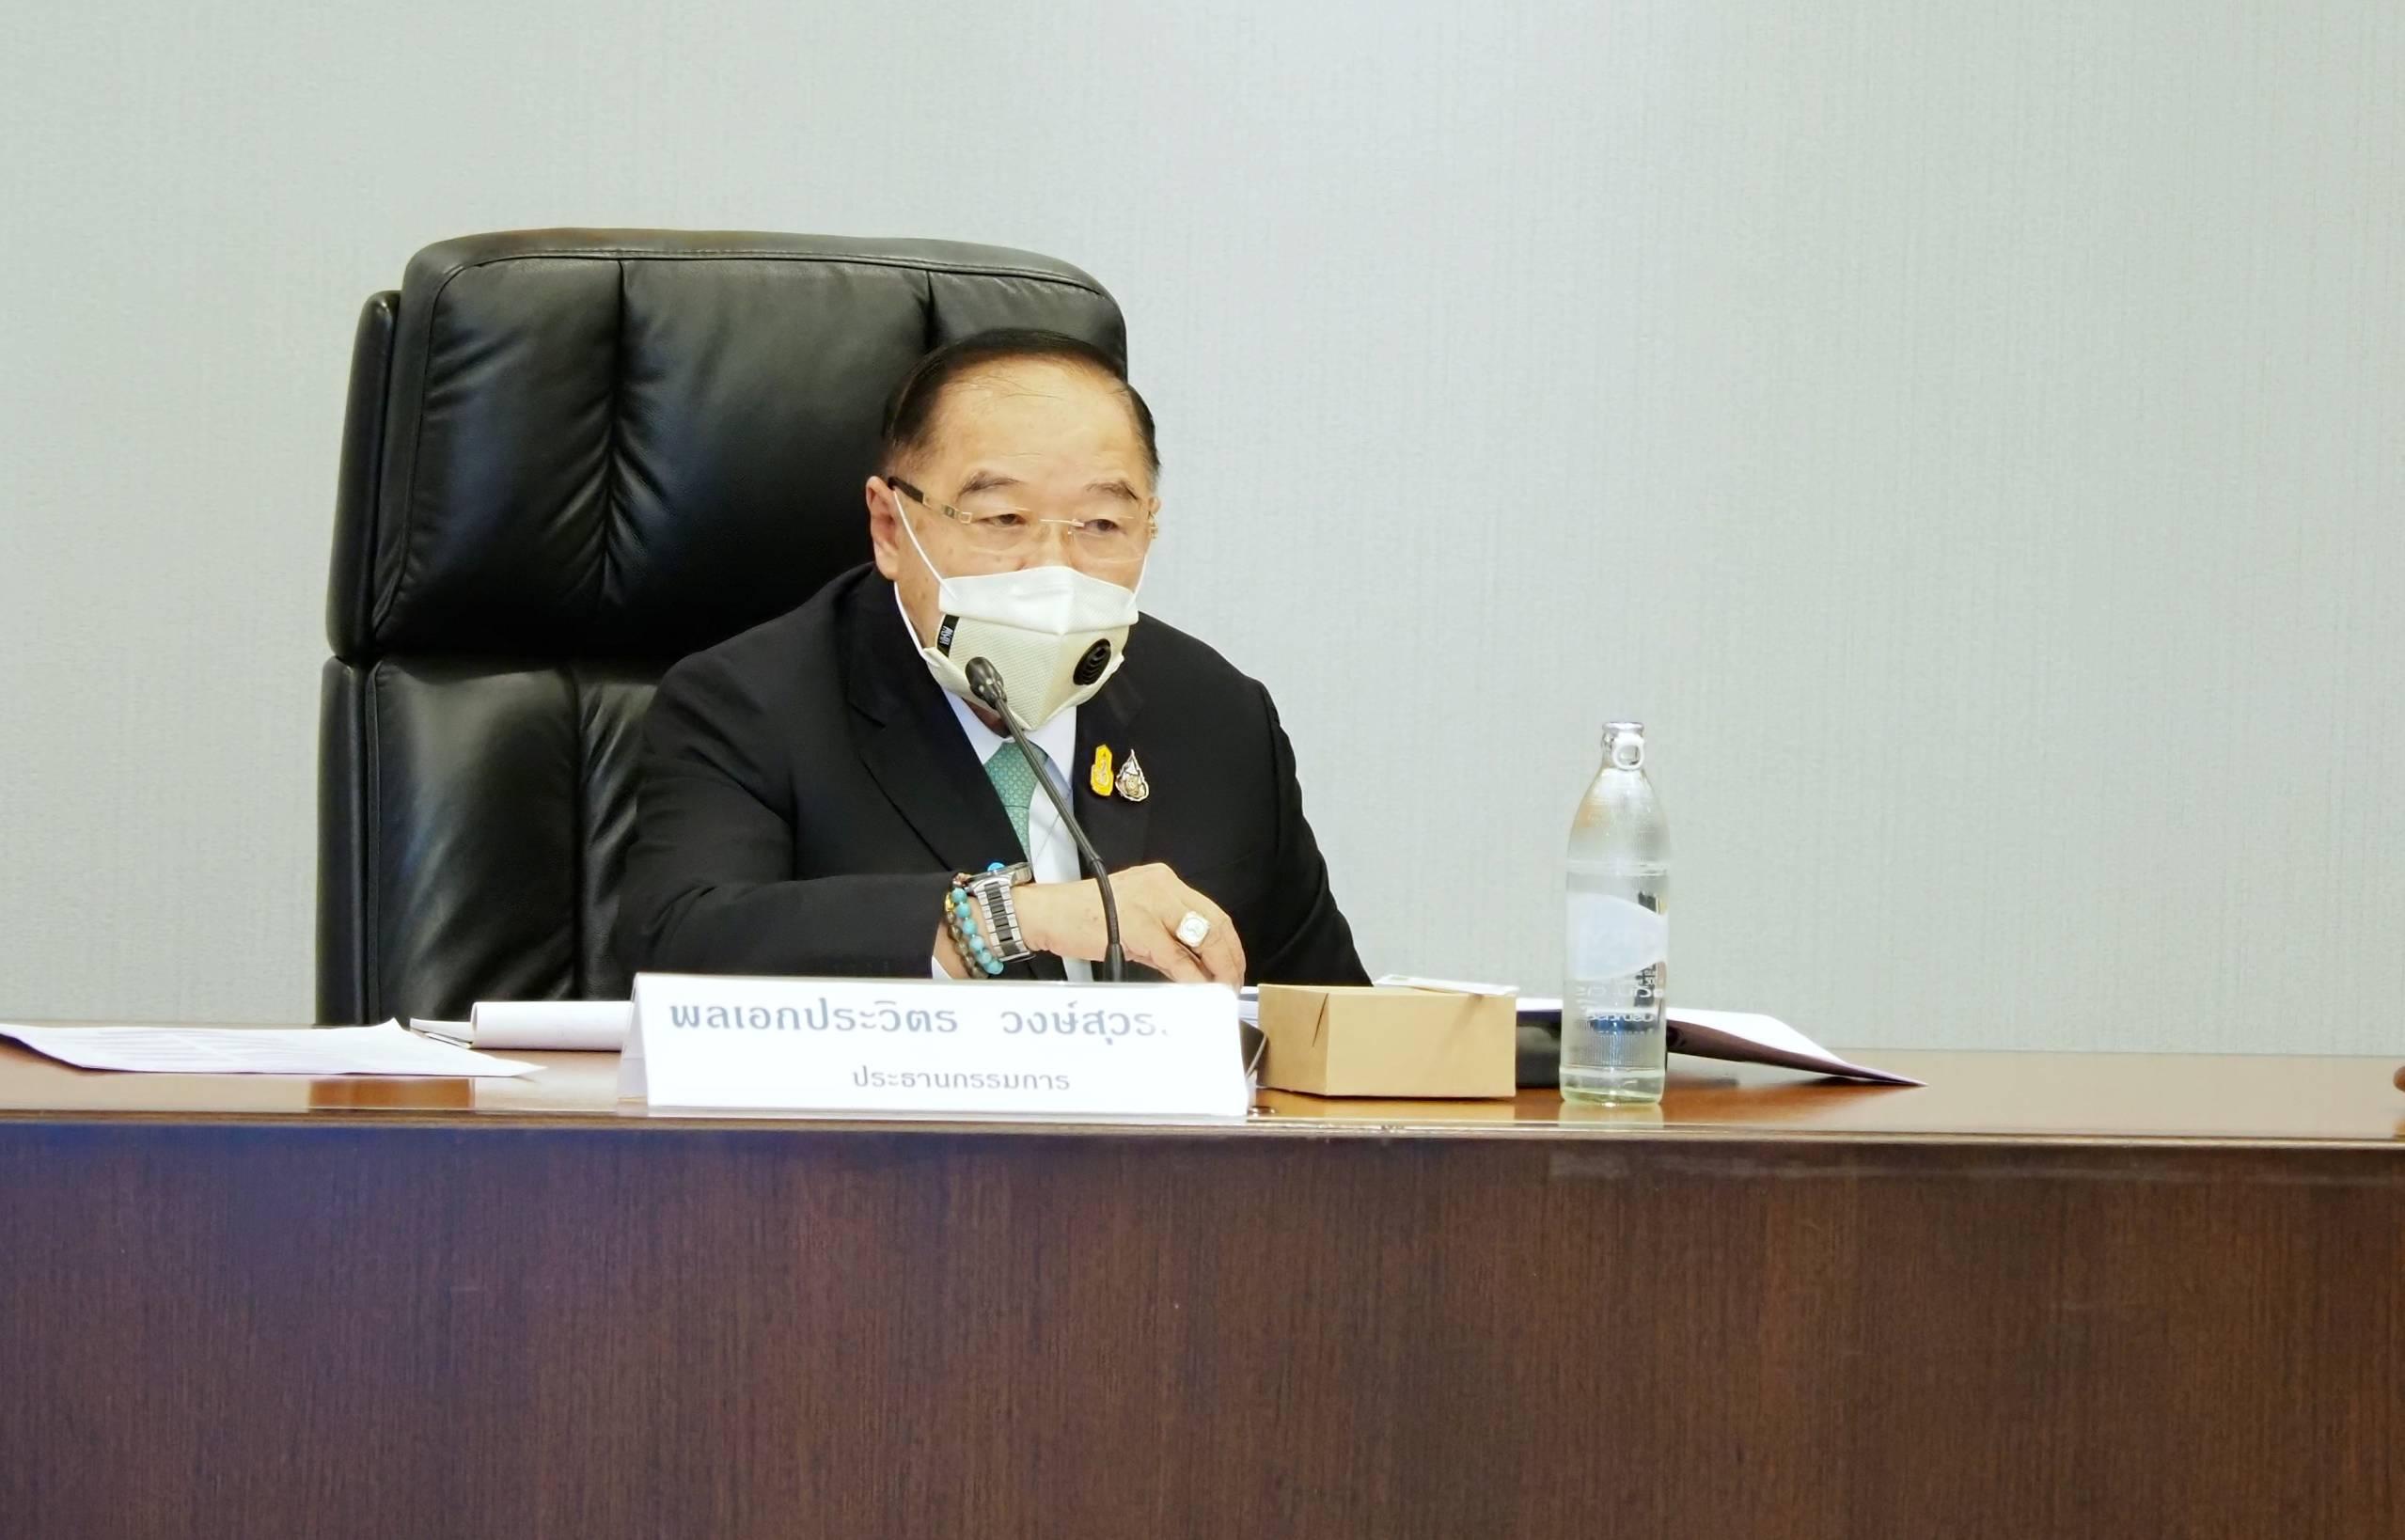 ทช. จัดประชุมคณะกรรมการนโยบายและแผนการบริหารจัดการทรัพยากรทางทะเลและชายฝั่งแห่งชาติ